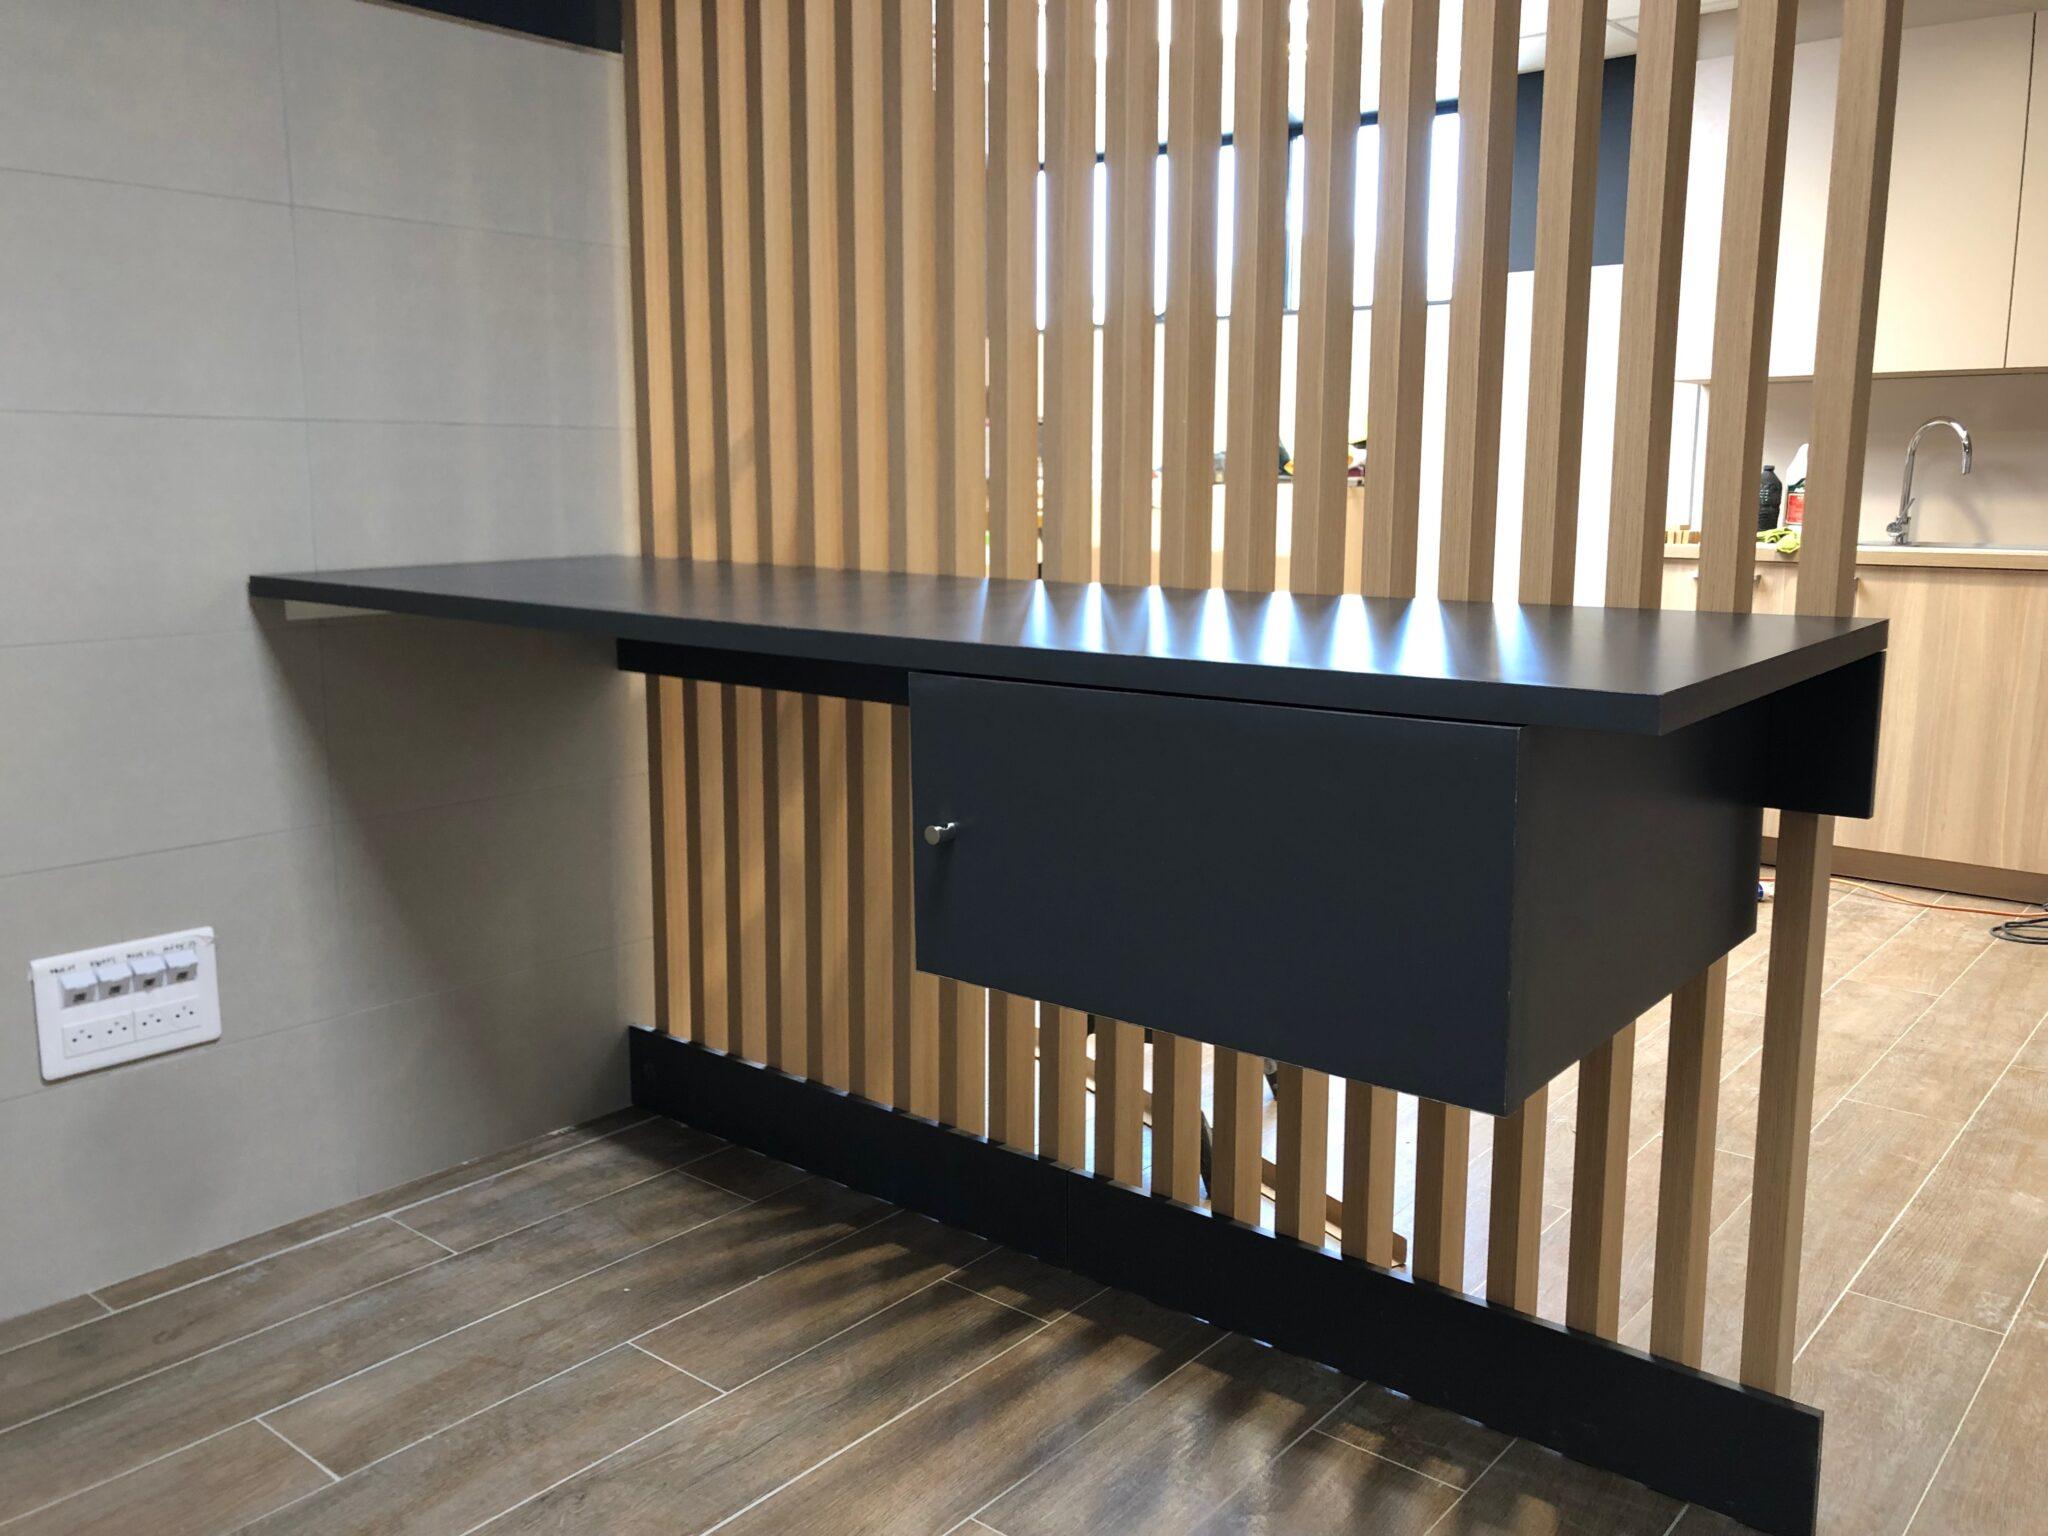 Chantier Lidl Chateaurenard aménagement d'espaces cloisons plafond